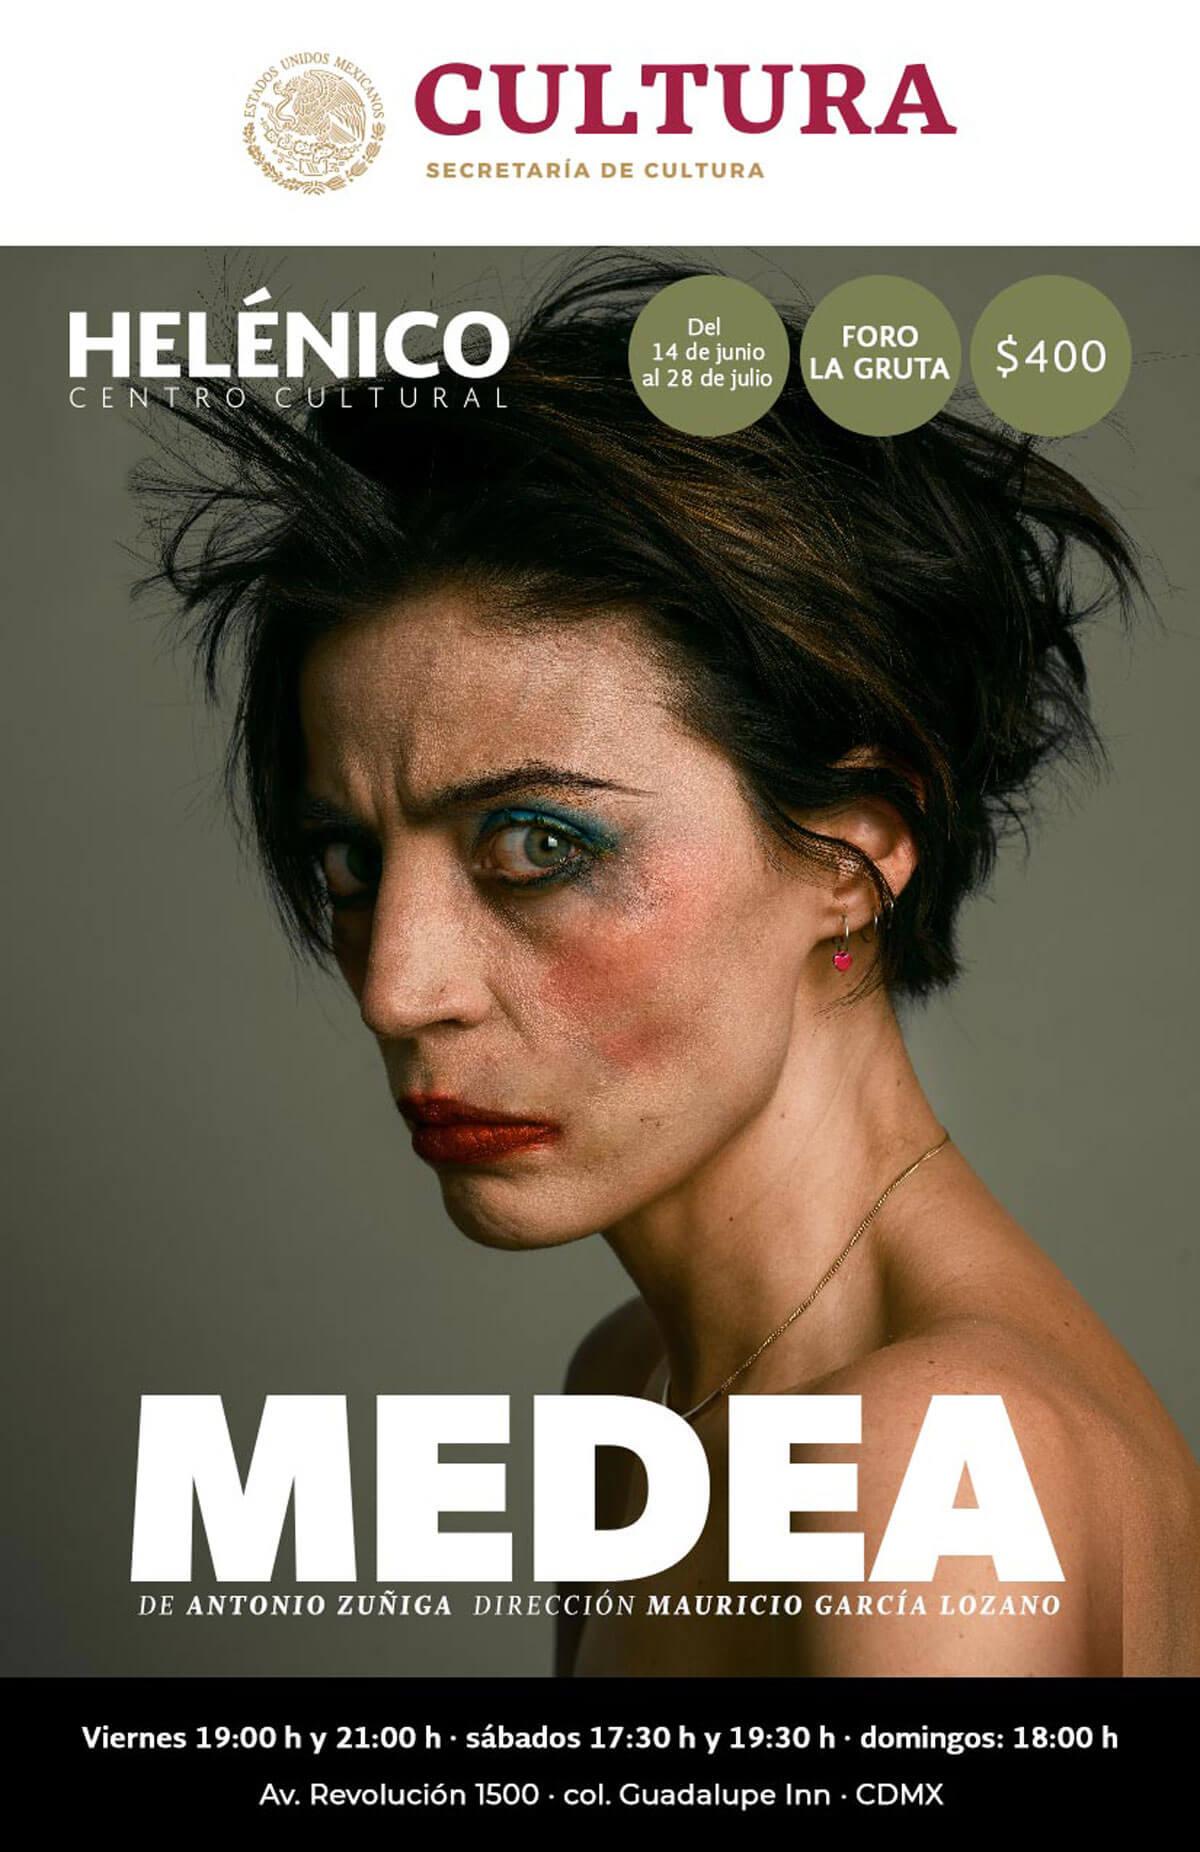 Medea - Agenda cultural